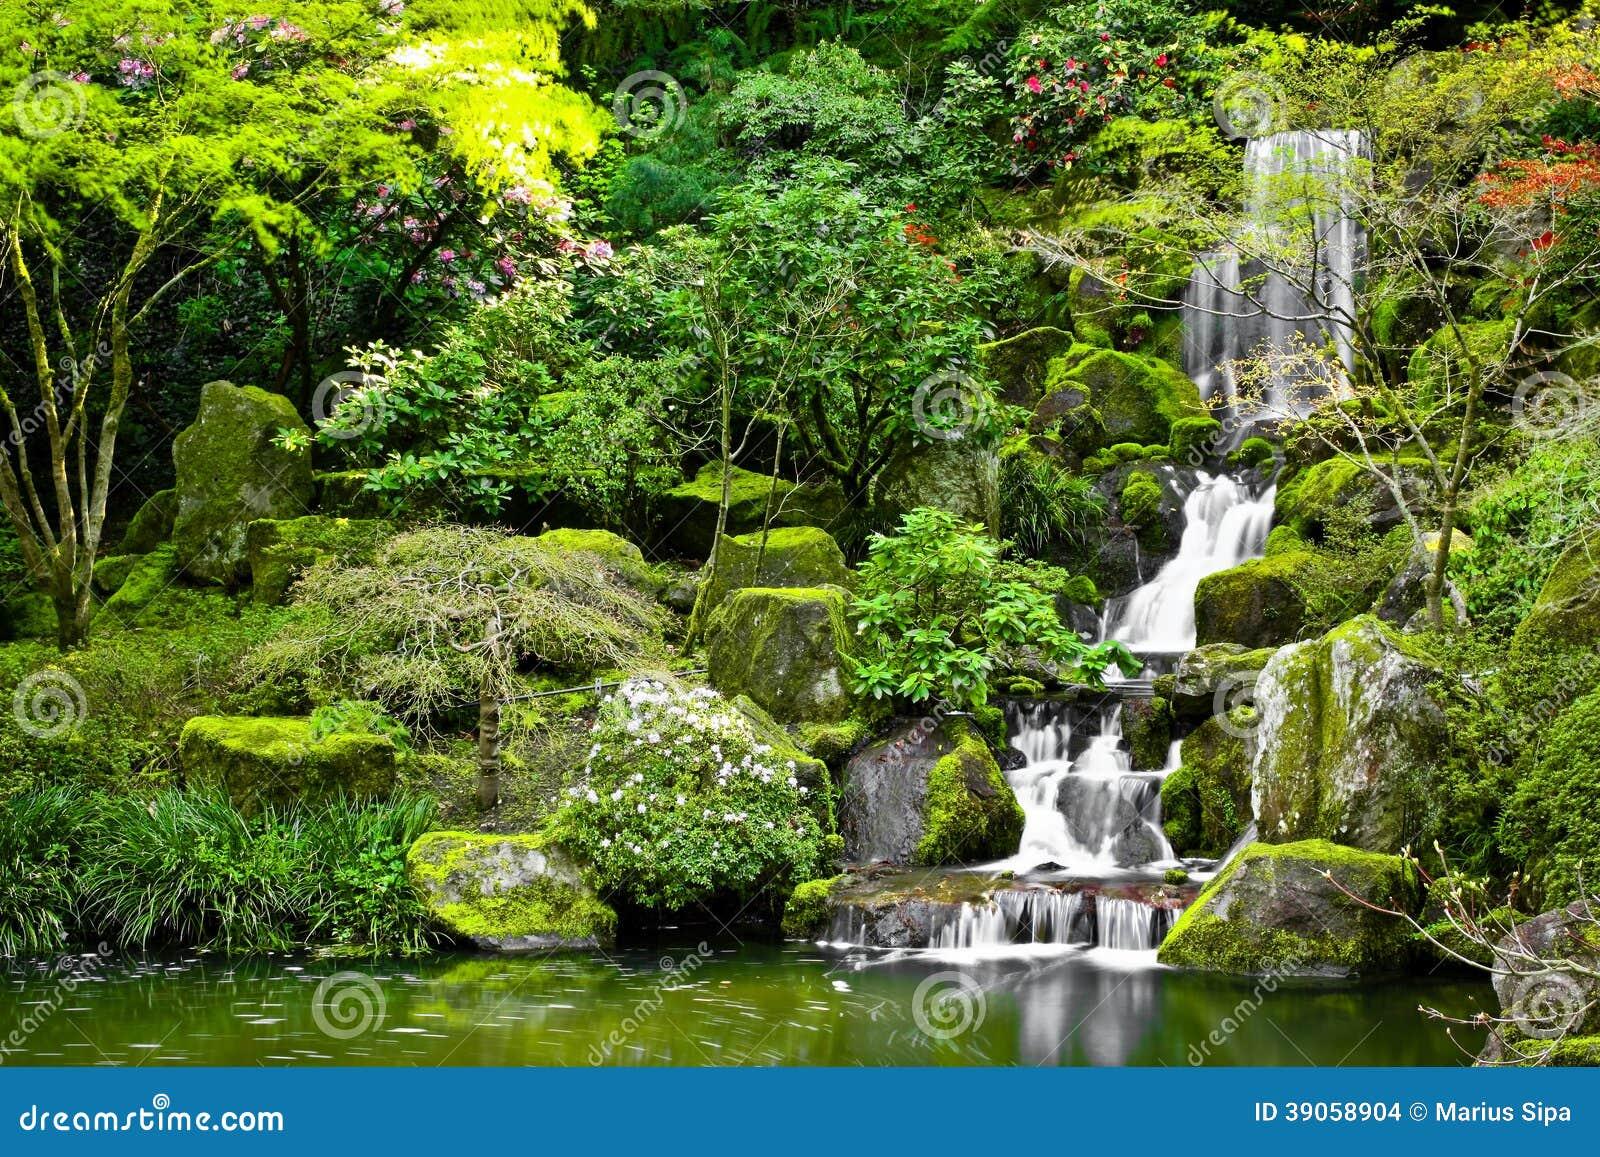 流动入一个koi池塘的小瀑布在日本庭院里.图片